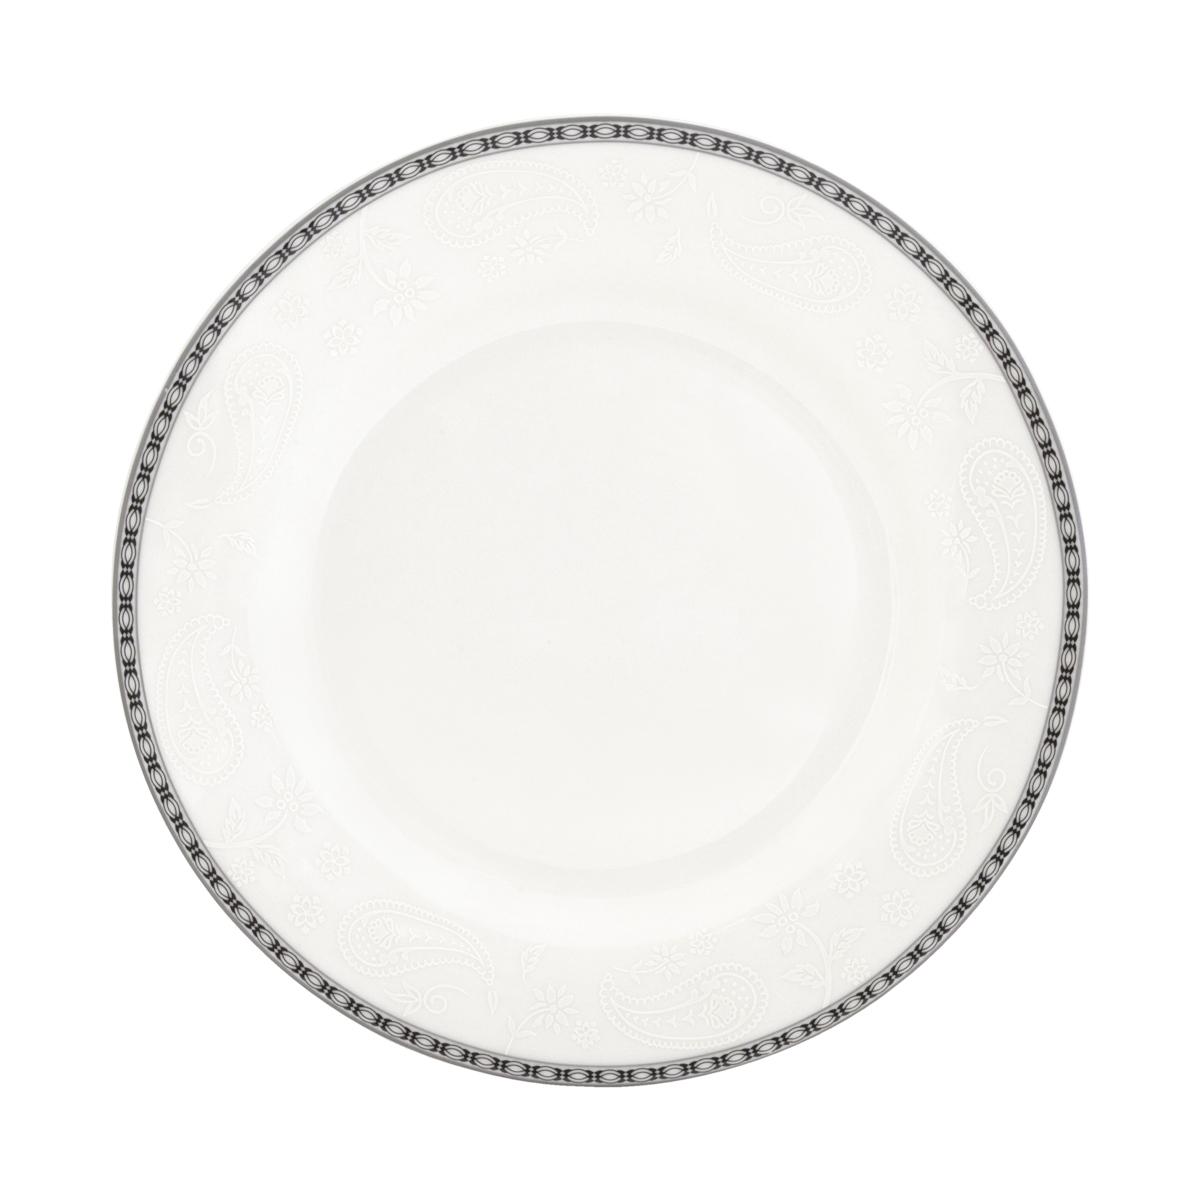 Набор суповых тарелок Esprado Arista White, диаметр 23 см, 6 шт. ARW023WE30154 009312Набор Esprado Arista White состоит из шести суповых тарелок, декорированных изысканной каймой с орнаментом и тиснением с принтом пейсли. Посуда выполнена из костяного фарфора, основные составляющие которого костная зола и каолин. От содержания костной золы зависит белизна и прозрачность фарфора. В материале, который используется для создания посуды Esprado, его содержание от 48 до 50%.Родина костной золы, из которой производится посуда Esprado, Великобритания, славящаяся сырьем высокого качества. Каолин, белая глина на основе природного минерала, поступает из Новой Зеландии, одного из наиболее экологически чистых регионов мира. Такое сочетание обеспечивает высокое качество материала и безупречный оттенок слоновой кости. Экологическая глазурь из Японии, высоко ценящаяся во всем мире, которой покрывается готовое изделие, позволяет добиться идеально ровного цвета и кристального блеска. В костяном фарфоре отсутствуют примеси кадмия и свинца, а потому он абсолютно нетоксичен и безопасен. Посуда из фарфора Esprado прочна и устойчива к истиранию: царапины от ножа и сеточки трещин не появятся на ней даже через несколько лет. Серия Arista названа в честь первой правящей династии королевства Наварра - современной провинции Наварра в Северной Испании и Атлантических Пиренеев в современной Южной Франции. Аристократическая роскошь и непринужденная элегантность отличает каждый предмет коллекции. Белый цвет тождественен солнечному свету, а свет - это божество, благо, жизнь, полнота бытия. Белизна также является символом высокого общественного положения - благородства, величия, благосостояния. Столовая посуда Arista White, выполненная в ослепительном белом цвете и дополненная изящным платиновым декором, идеальный выбор для создания атмосферы аристократического приема за вашим столом.Можно использовать в микроволновой печи и мыть в посудомоечной машине.